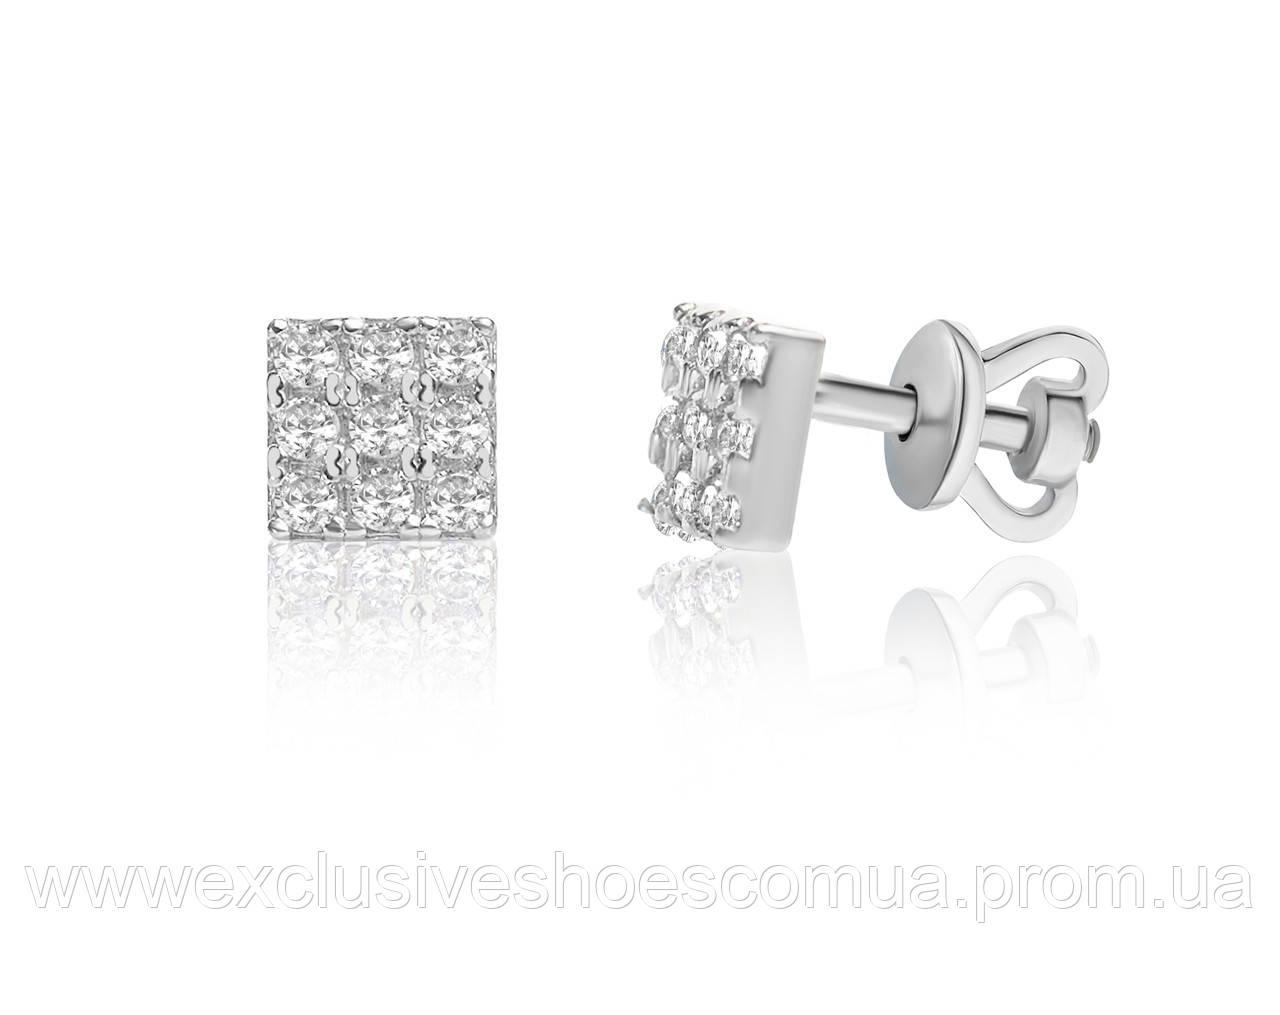 Серебряные серьги гвоздики с цирконами квадратные